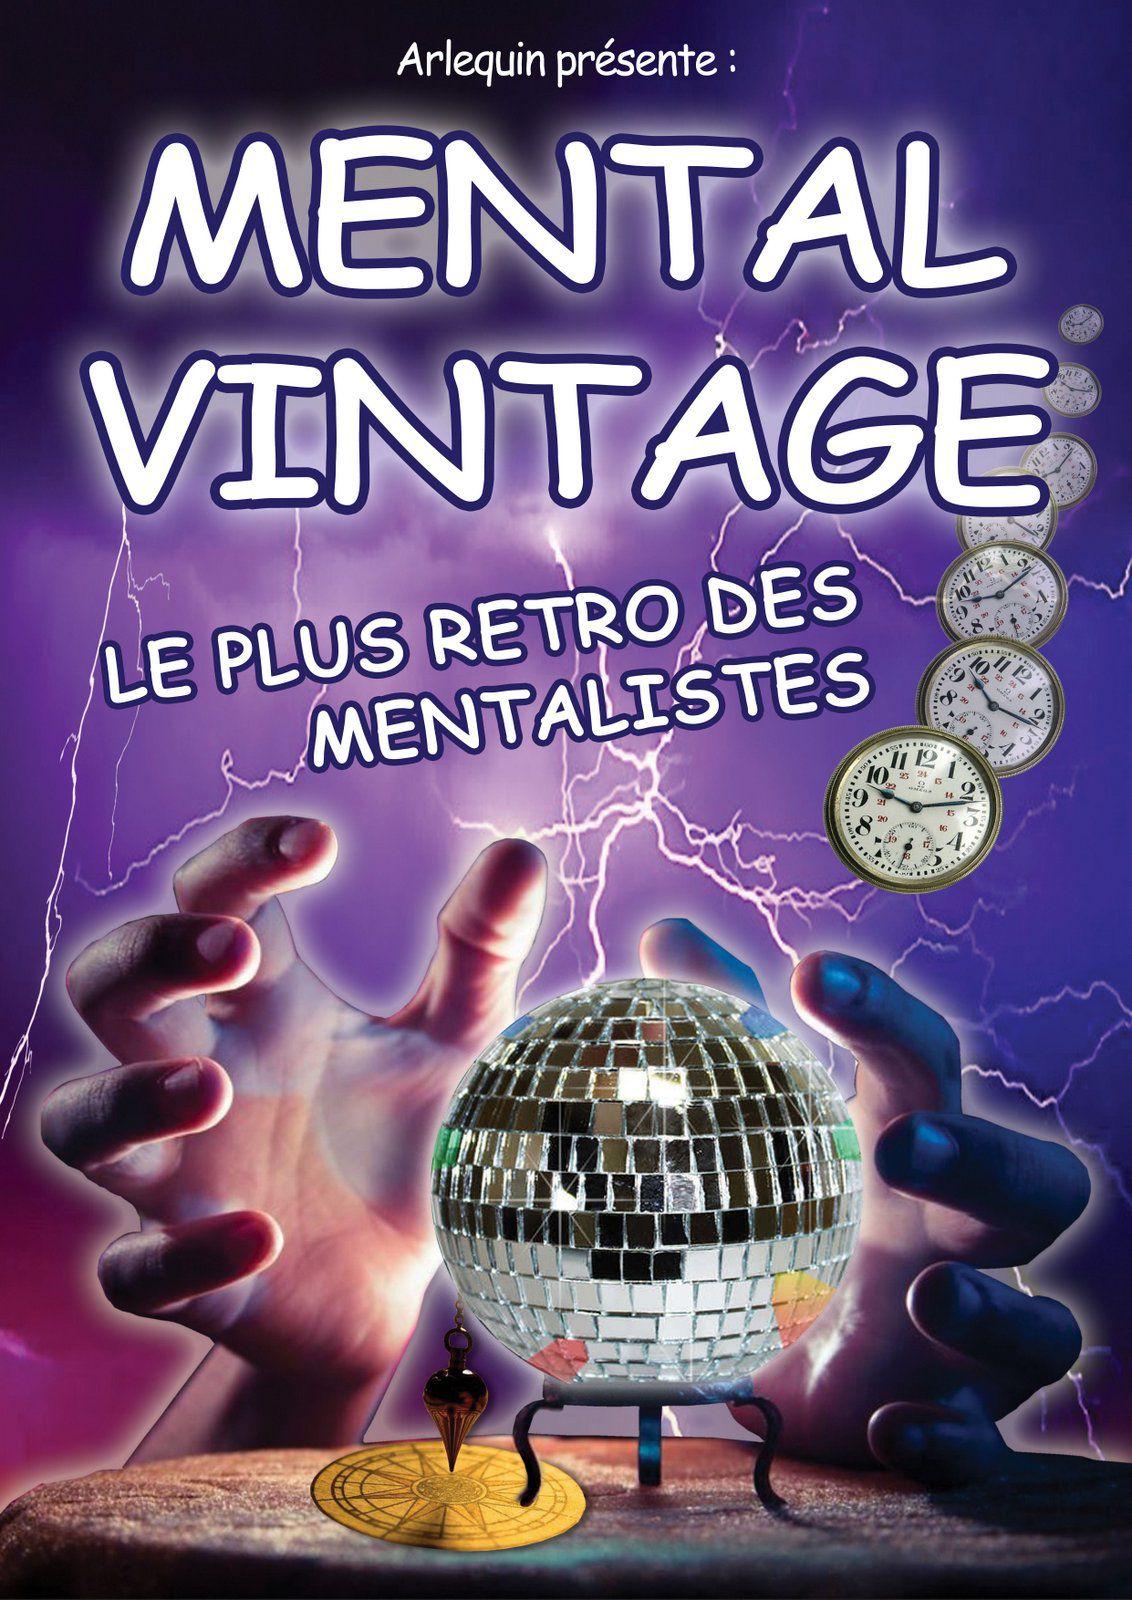 mental vintage, mentalisme, nuits du off, frejus, magie, arlequin